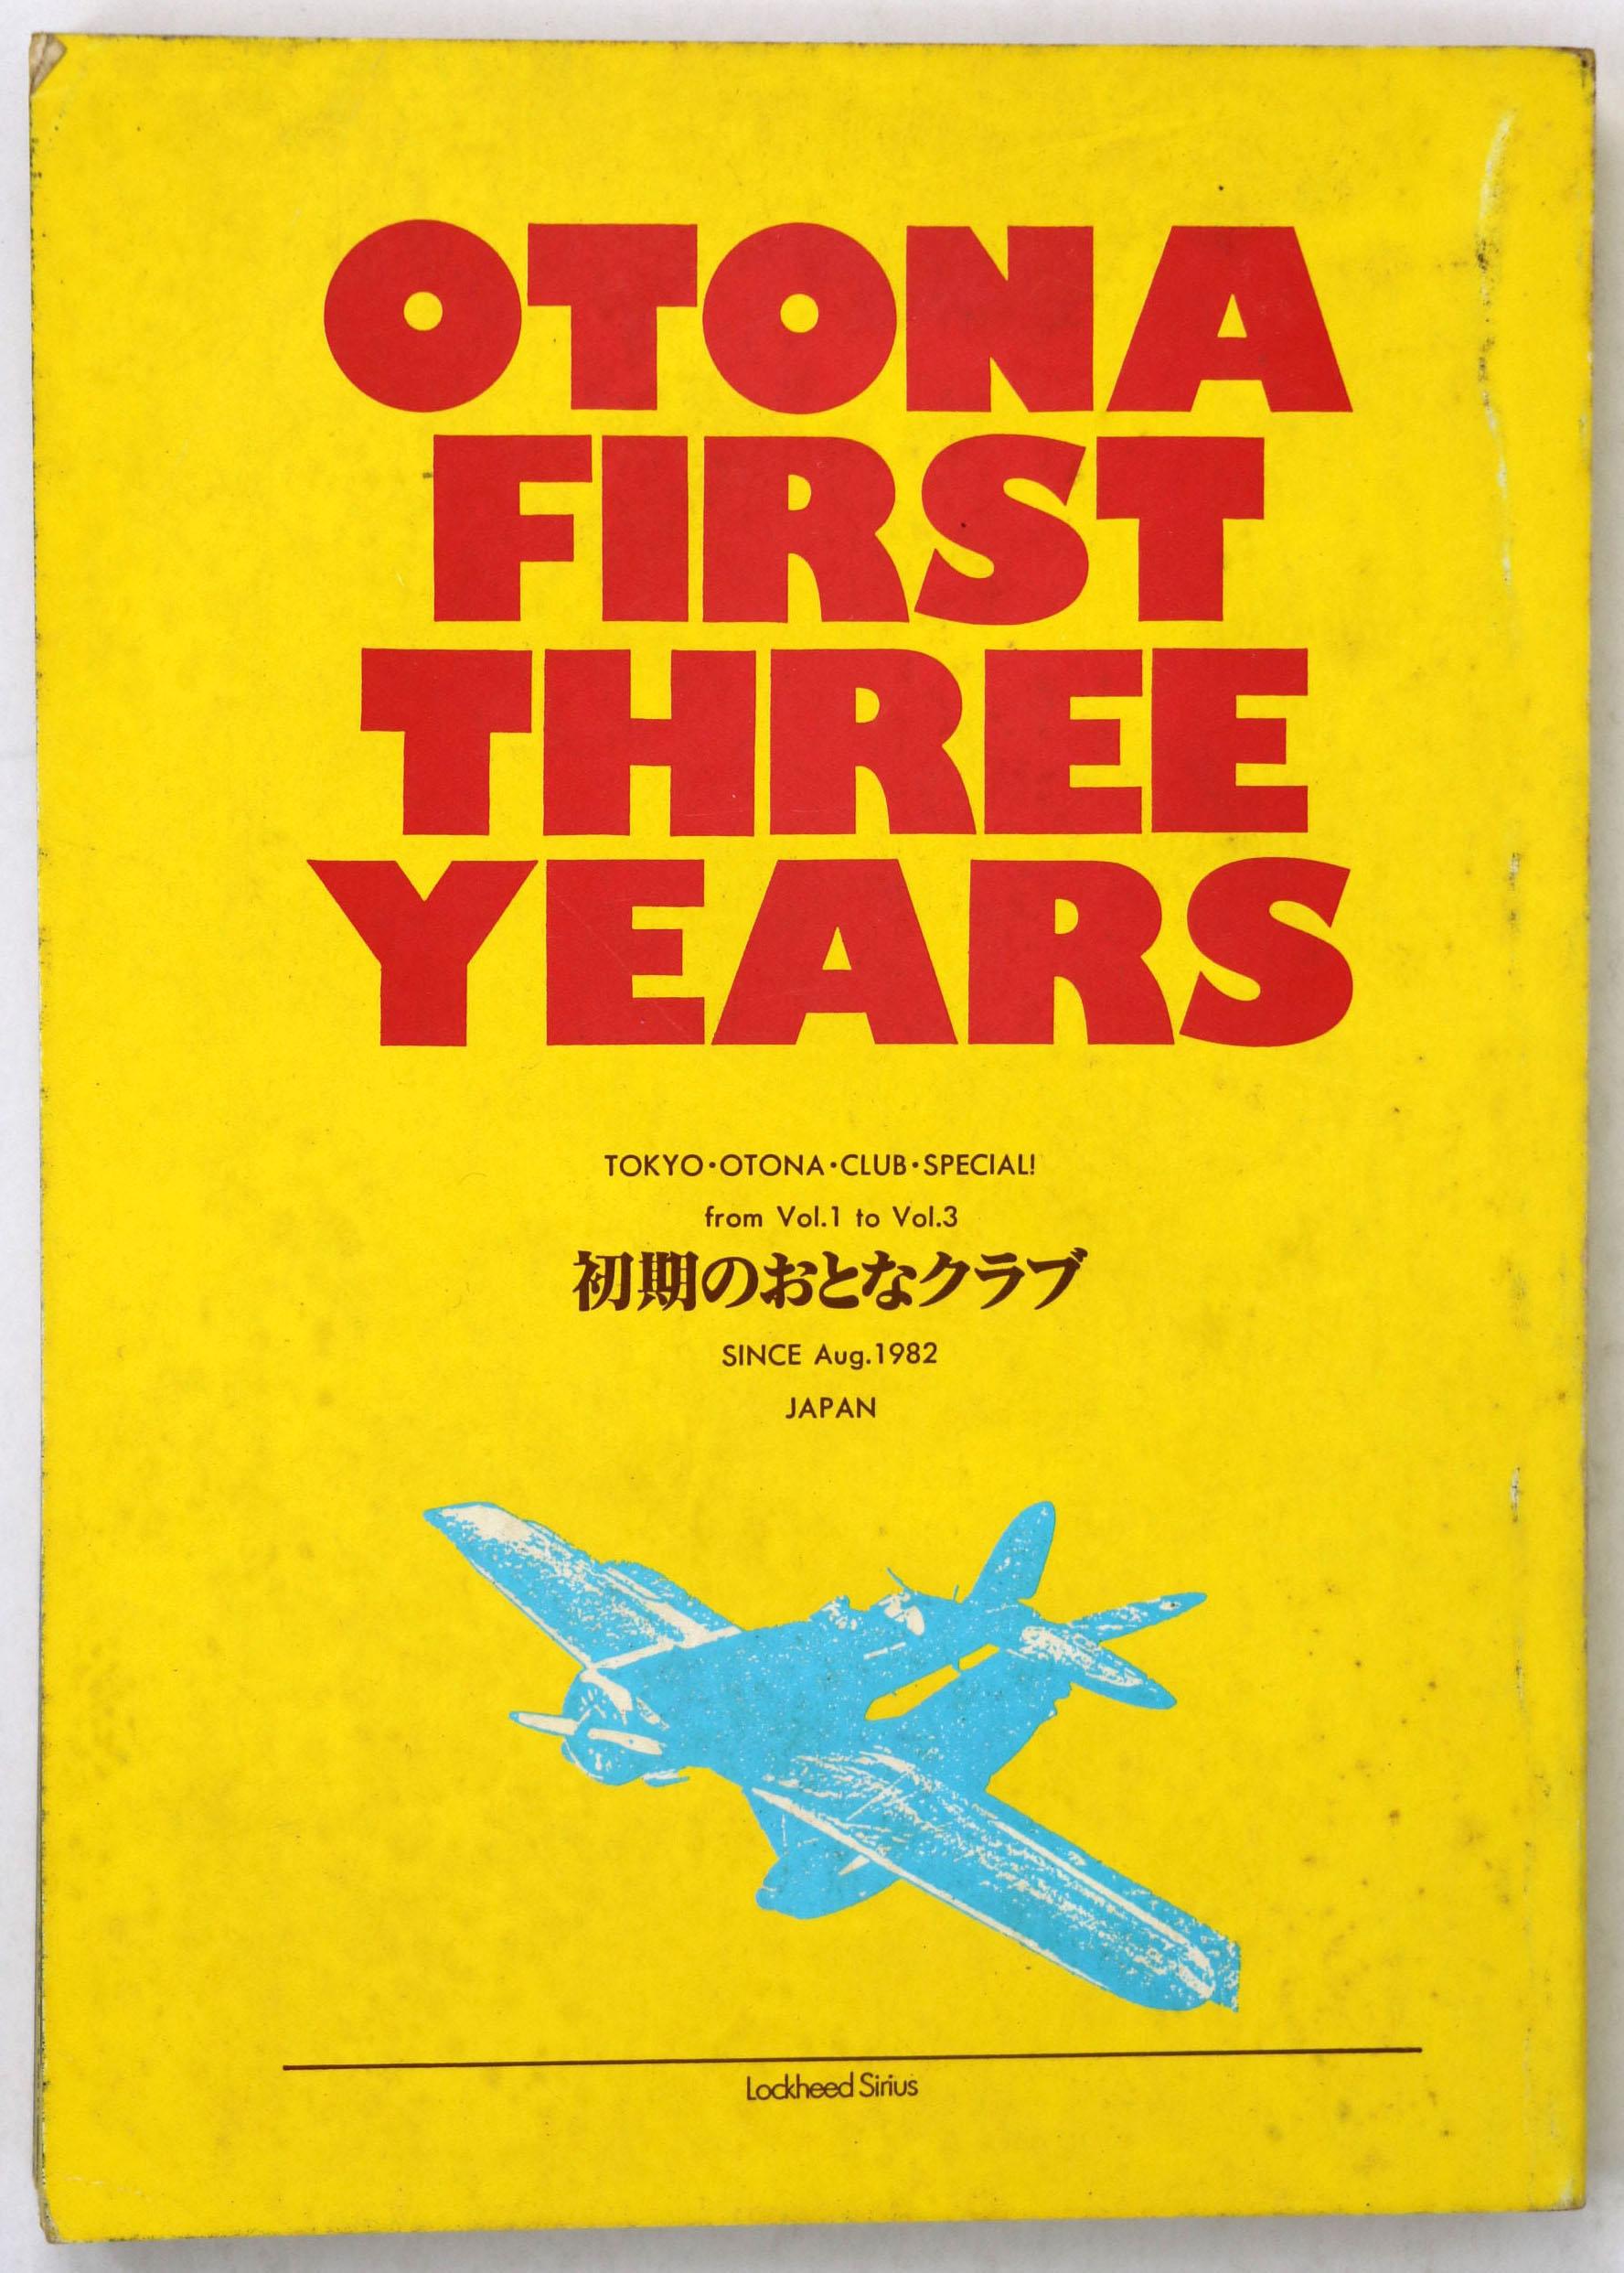 OTONA・FIRST・THREE・YEARS 初期のおとなクラブ